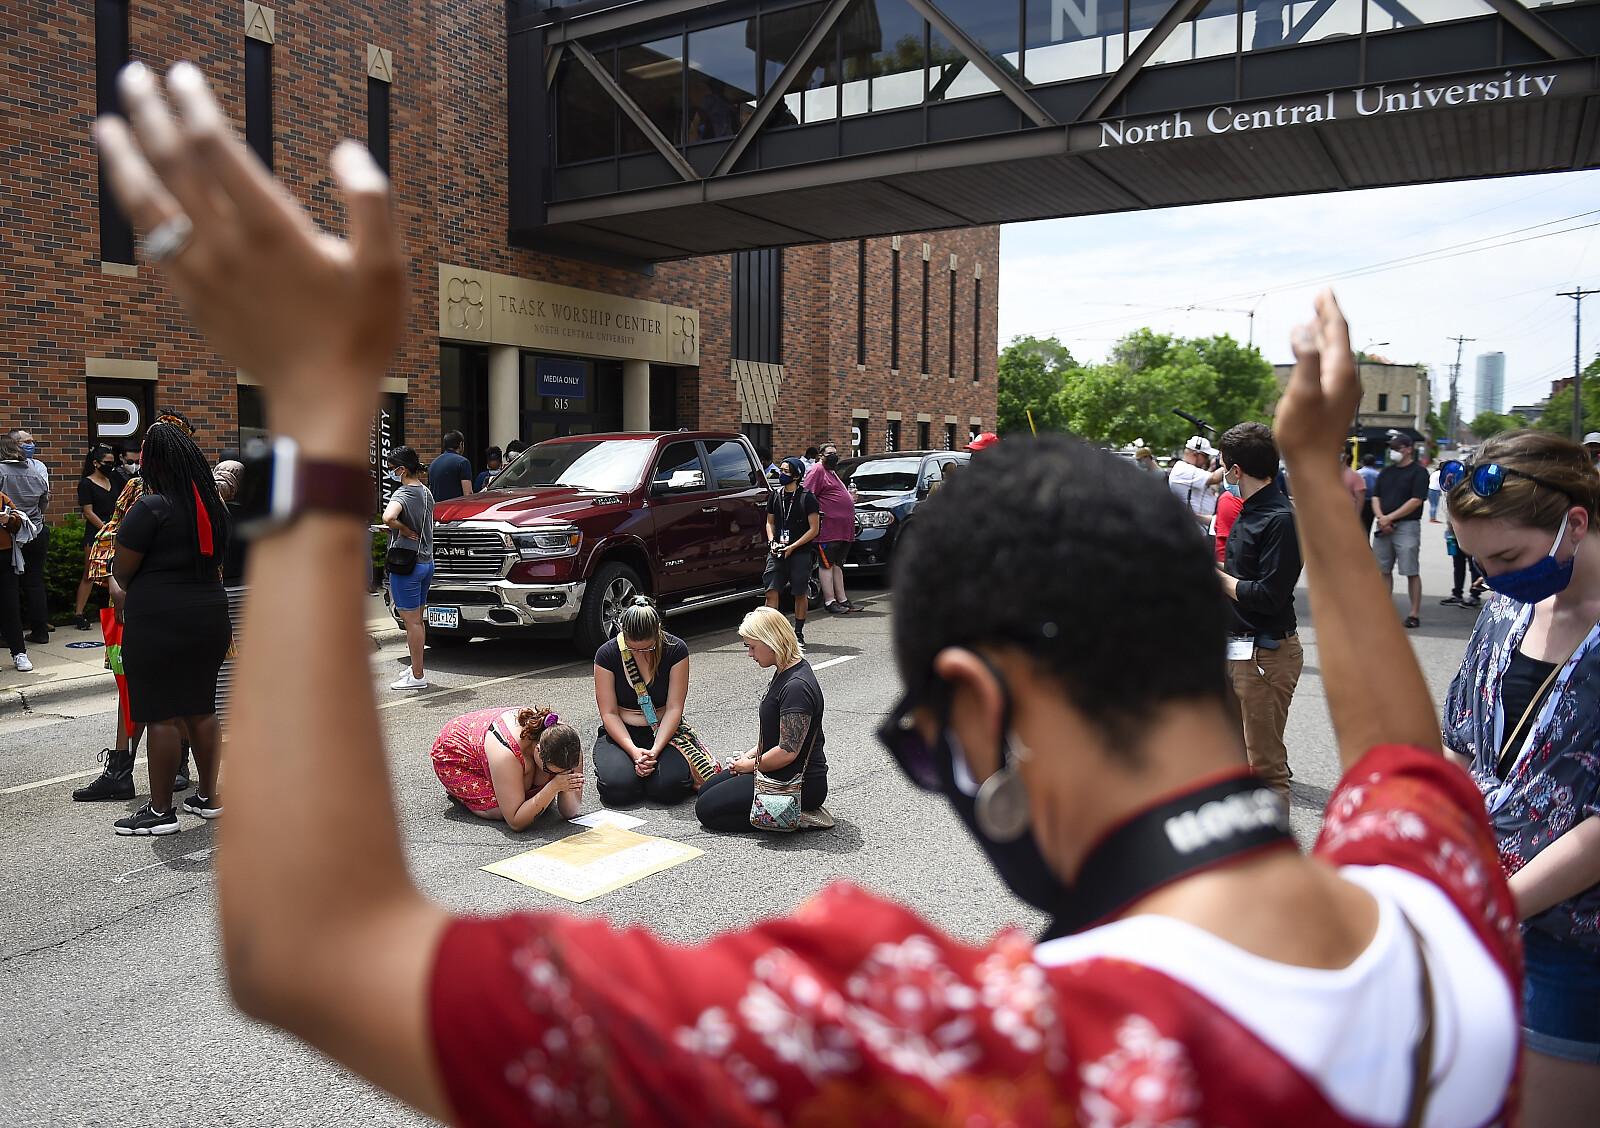 Tłumy modlące się i pokojowo protesujące przeciwko przemocy podczas pogrzebu George'a Floyda (fot. PAP/EPA/CRAIG LASSIG)